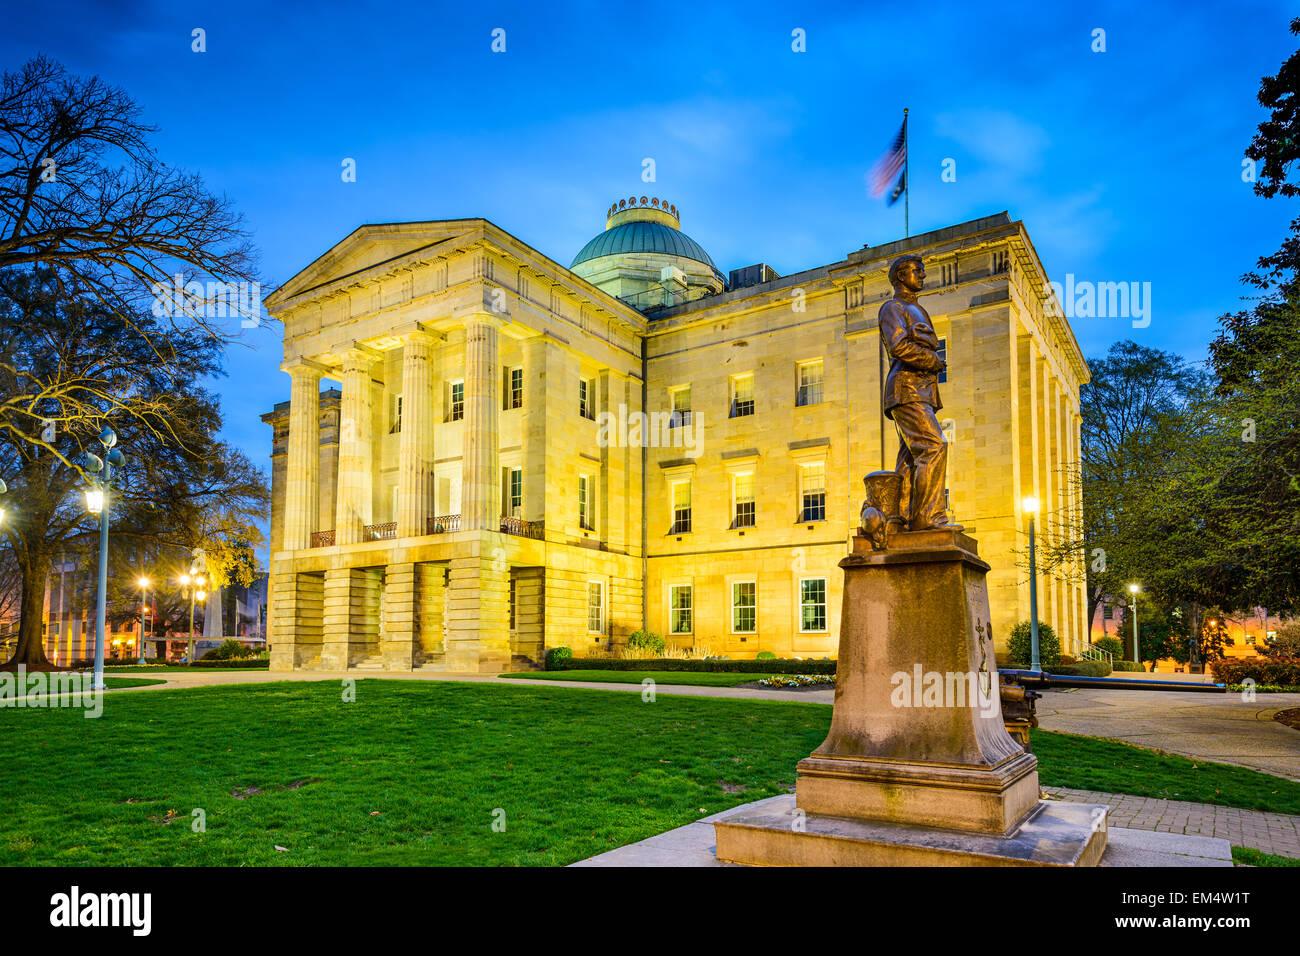 Raleigh, Carolina del Norte, EE.UU. El edificio del Capitolio. Imagen De Stock